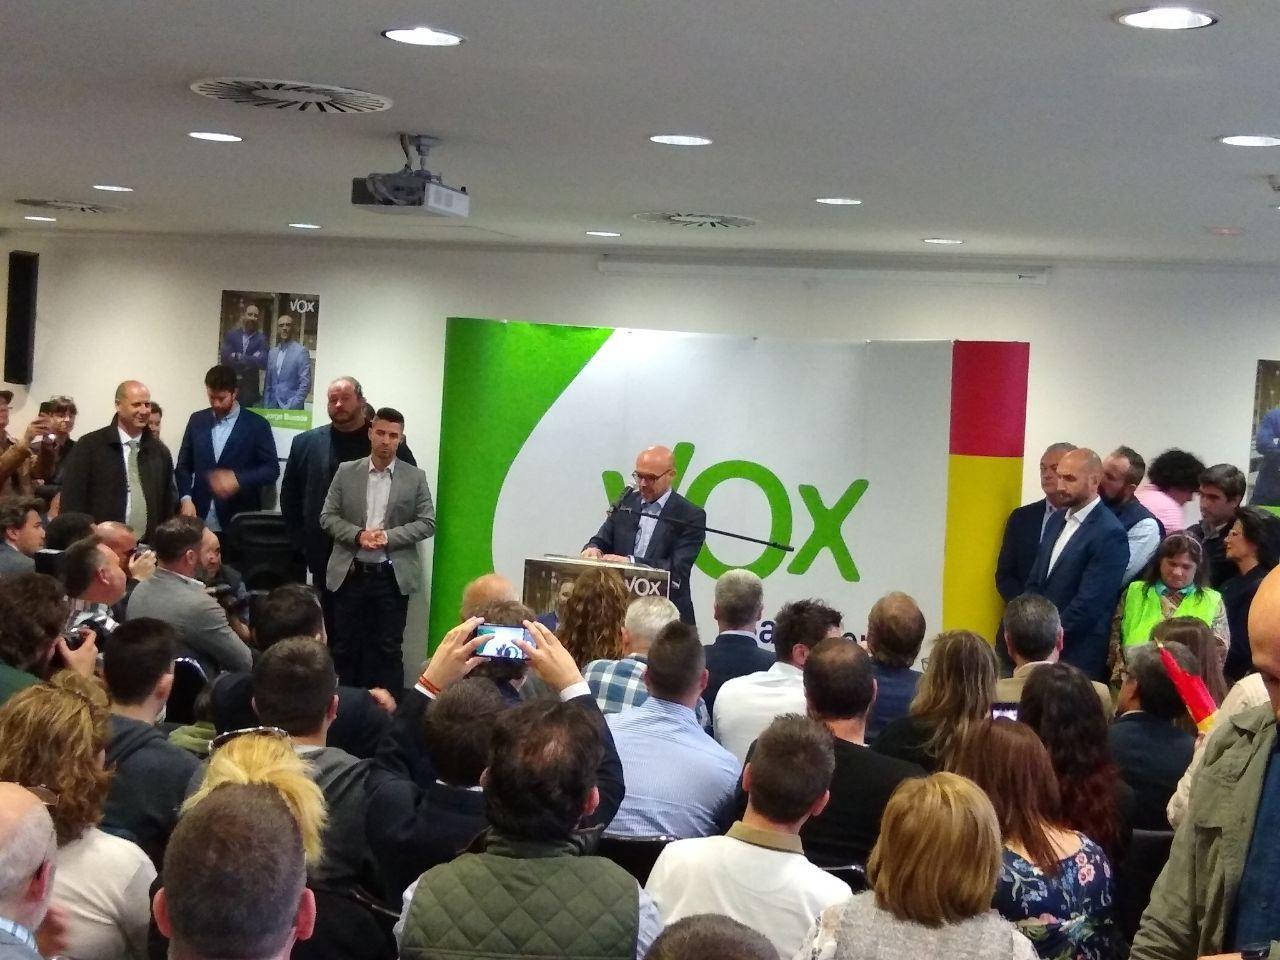 Jorge Buxadé, cap de llista de Vox a les eleccions europees | A.S.